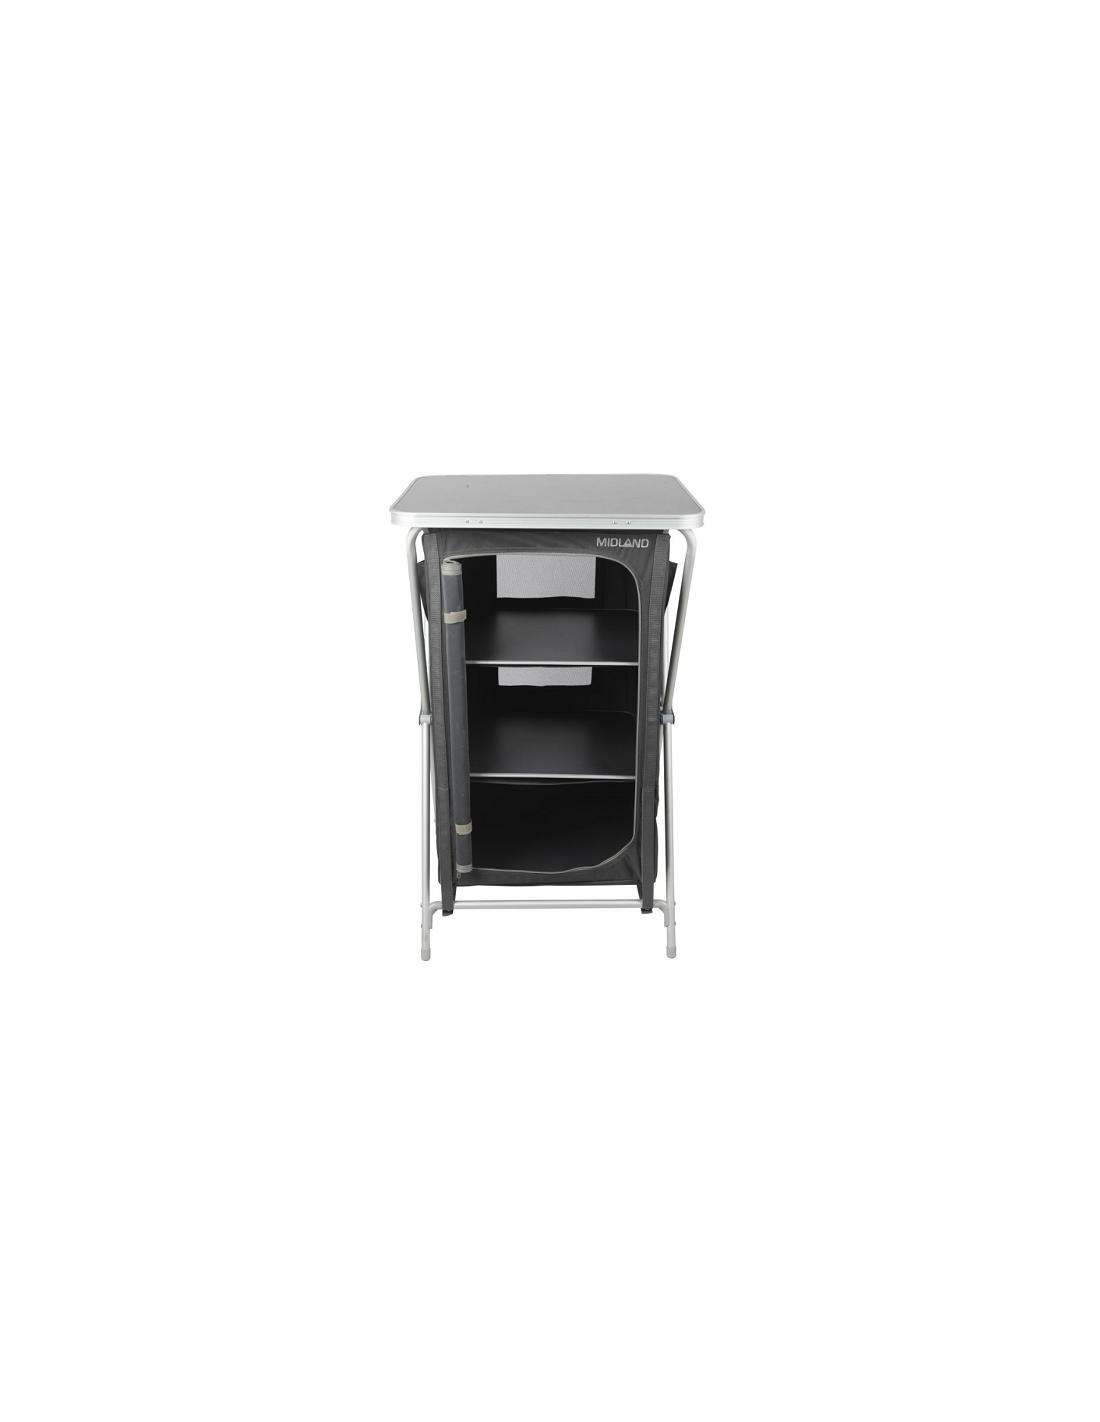 Mueble de cocina midland saturne tienda de camping online - Muebles de cocina camping ...